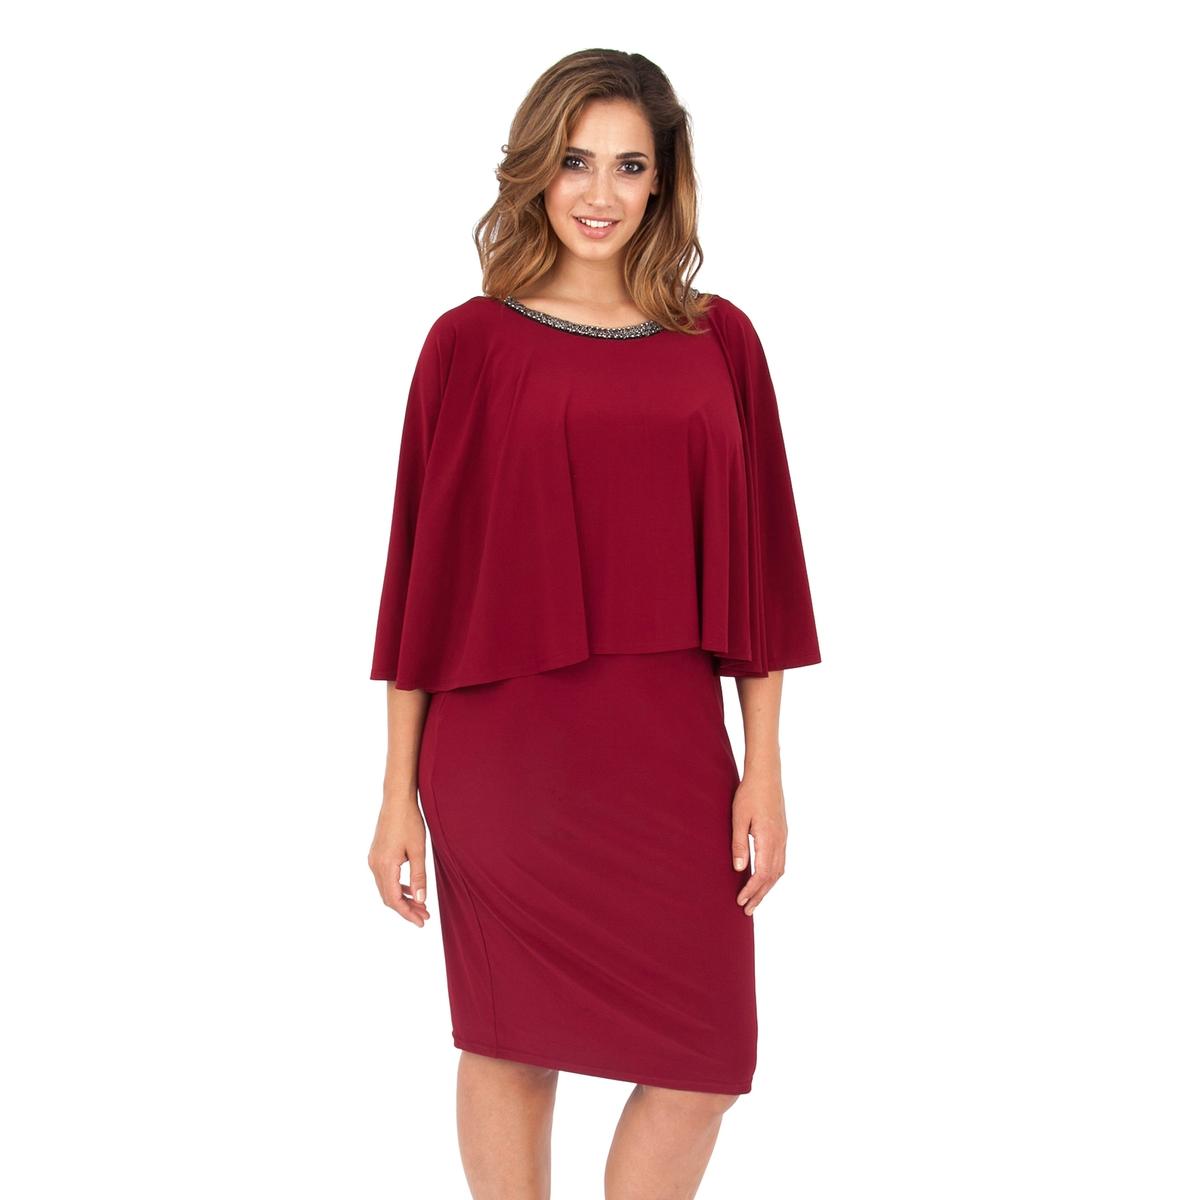 ПлатьеПлатье - KOKO BY KOKO. Платье 2 в 1 красивого малинового цвета с декорированным бусинами вырезом. Длина ок.104 см. 100% полиэстера.<br><br>Цвет: бордовый